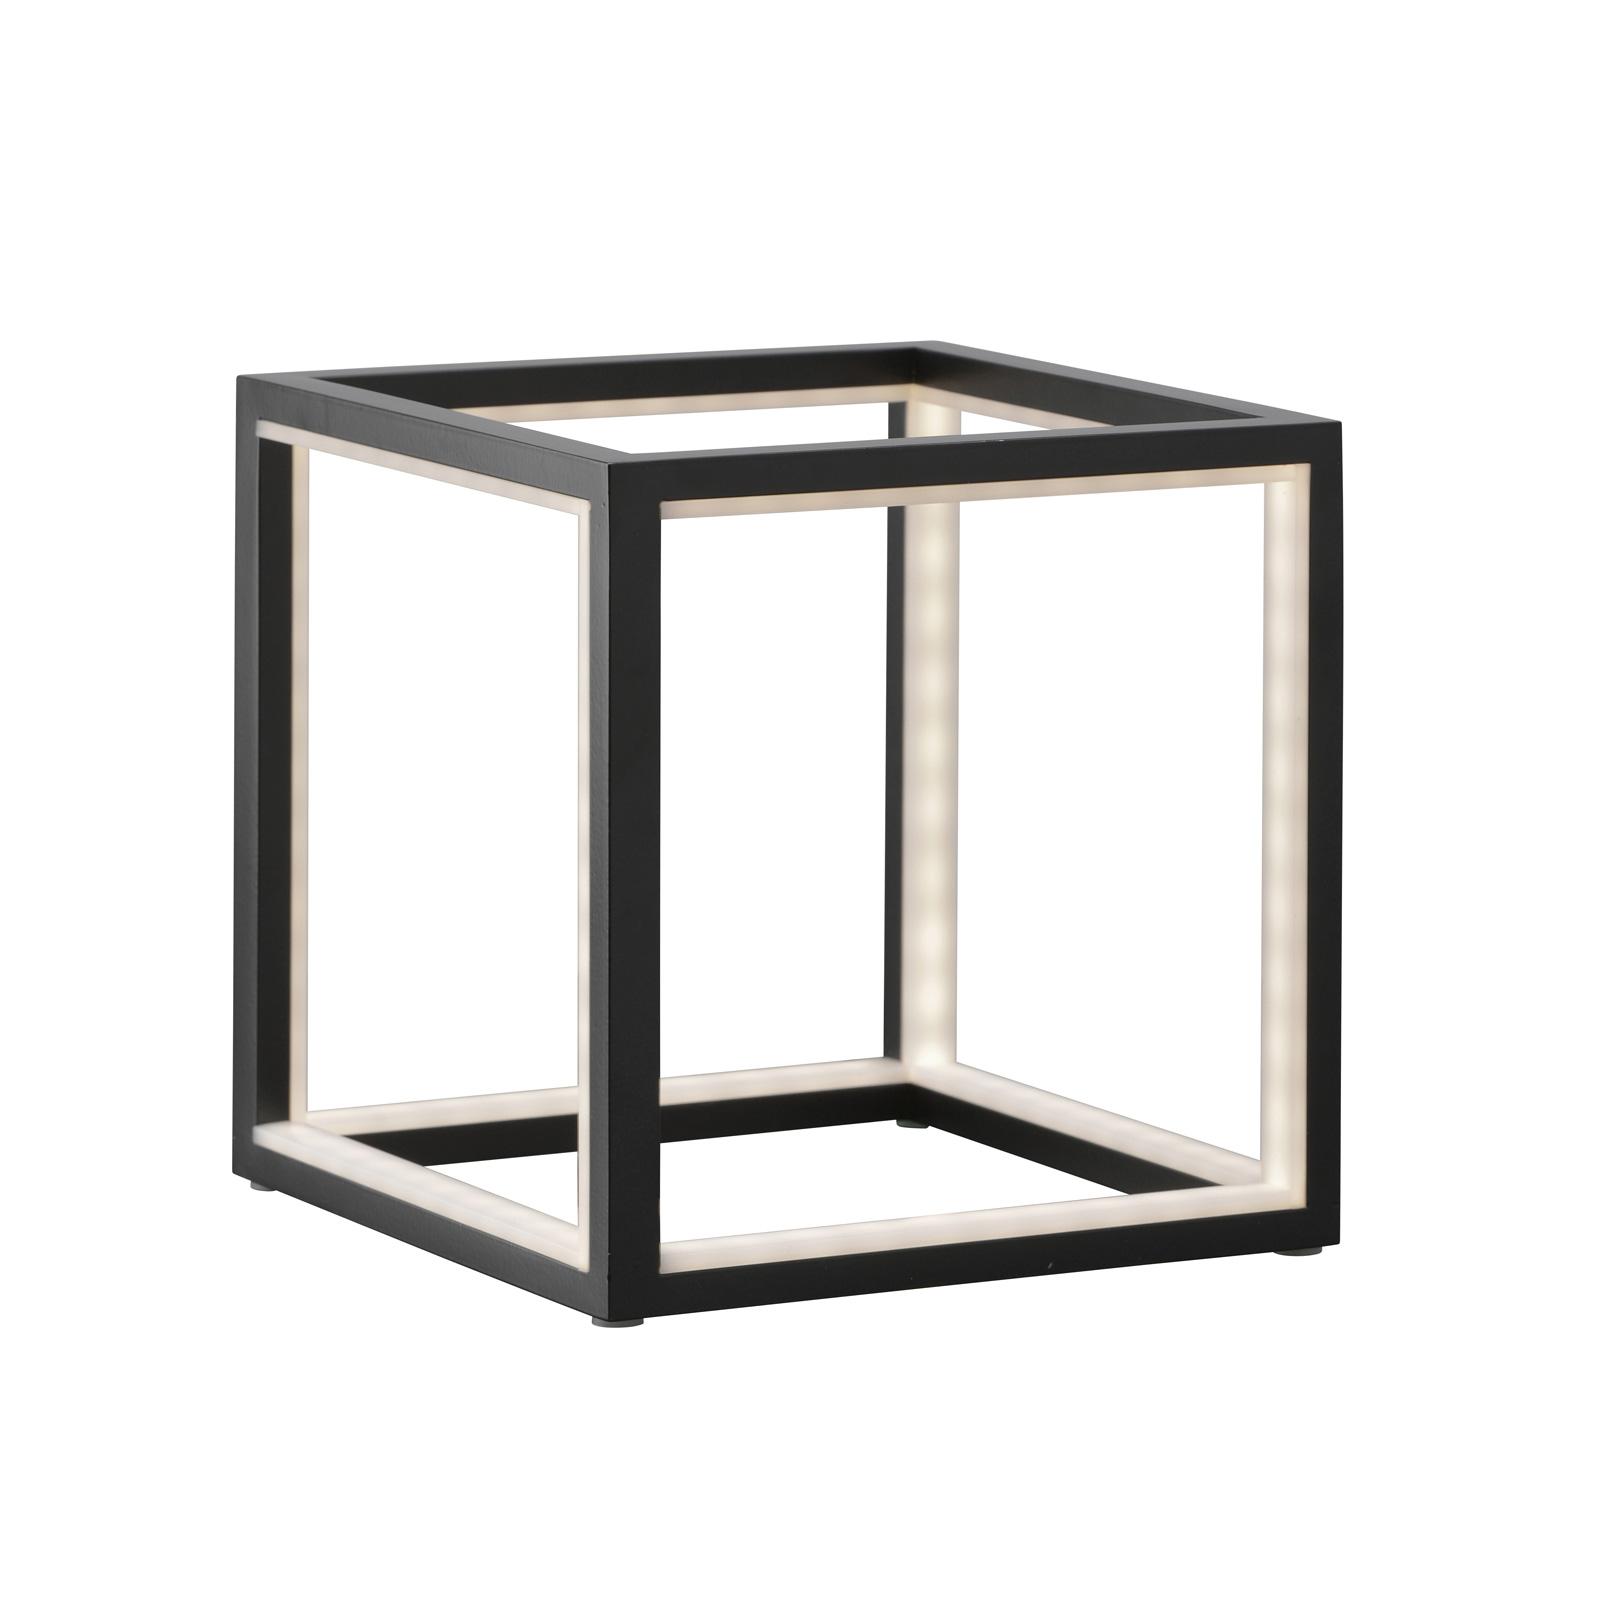 LED-Tischleuchte Delux, schwarz, 20 cm